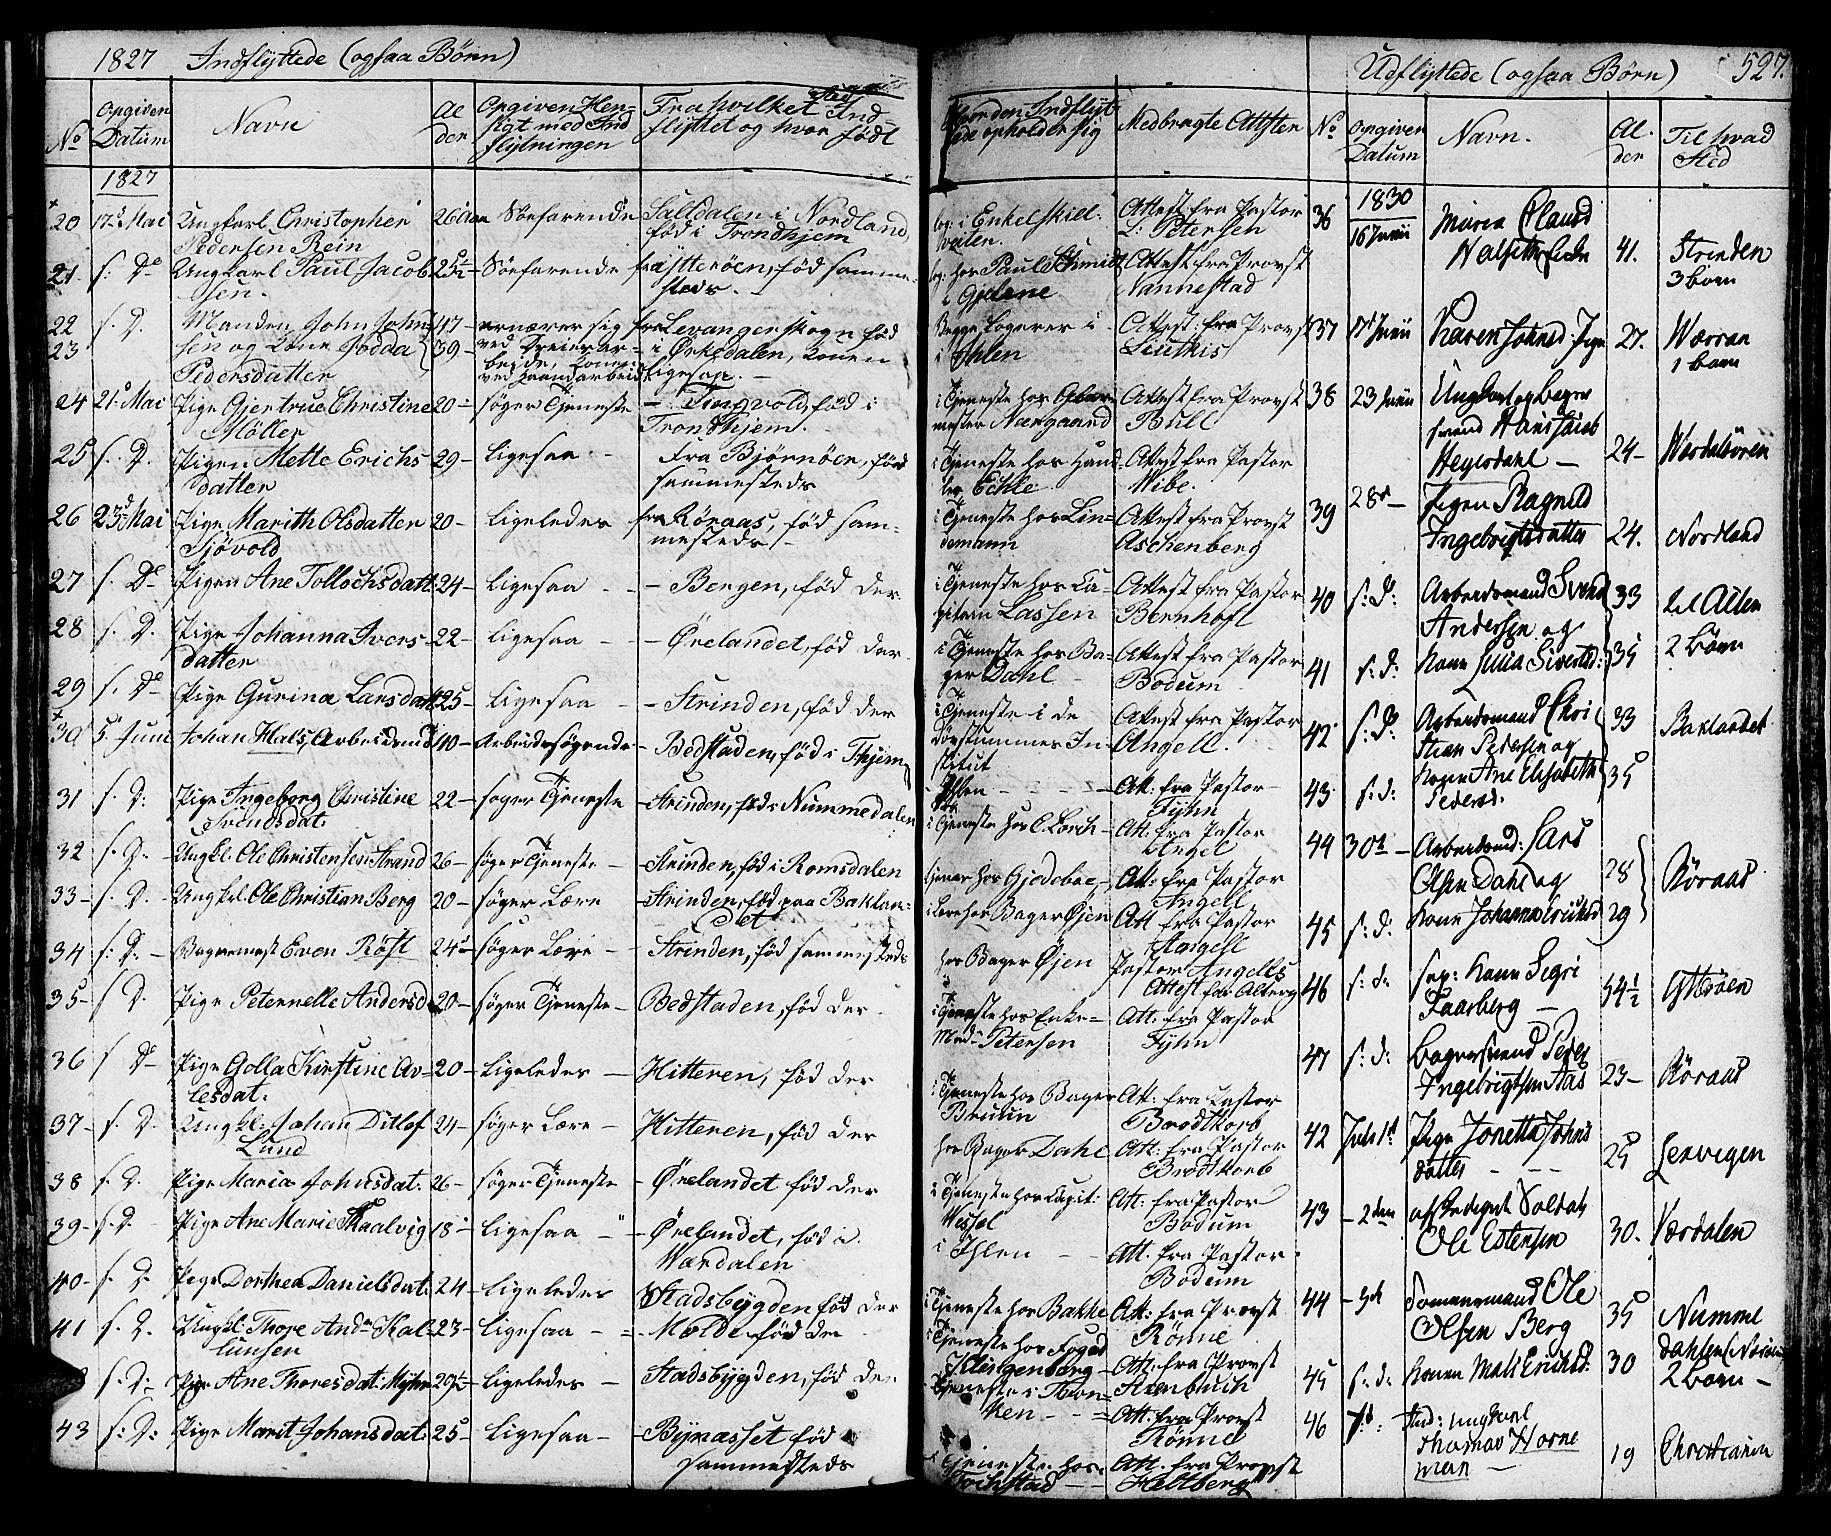 SAT, Ministerialprotokoller, klokkerbøker og fødselsregistre - Sør-Trøndelag, 601/L0045: Ministerialbok nr. 601A13, 1821-1831, s. 527